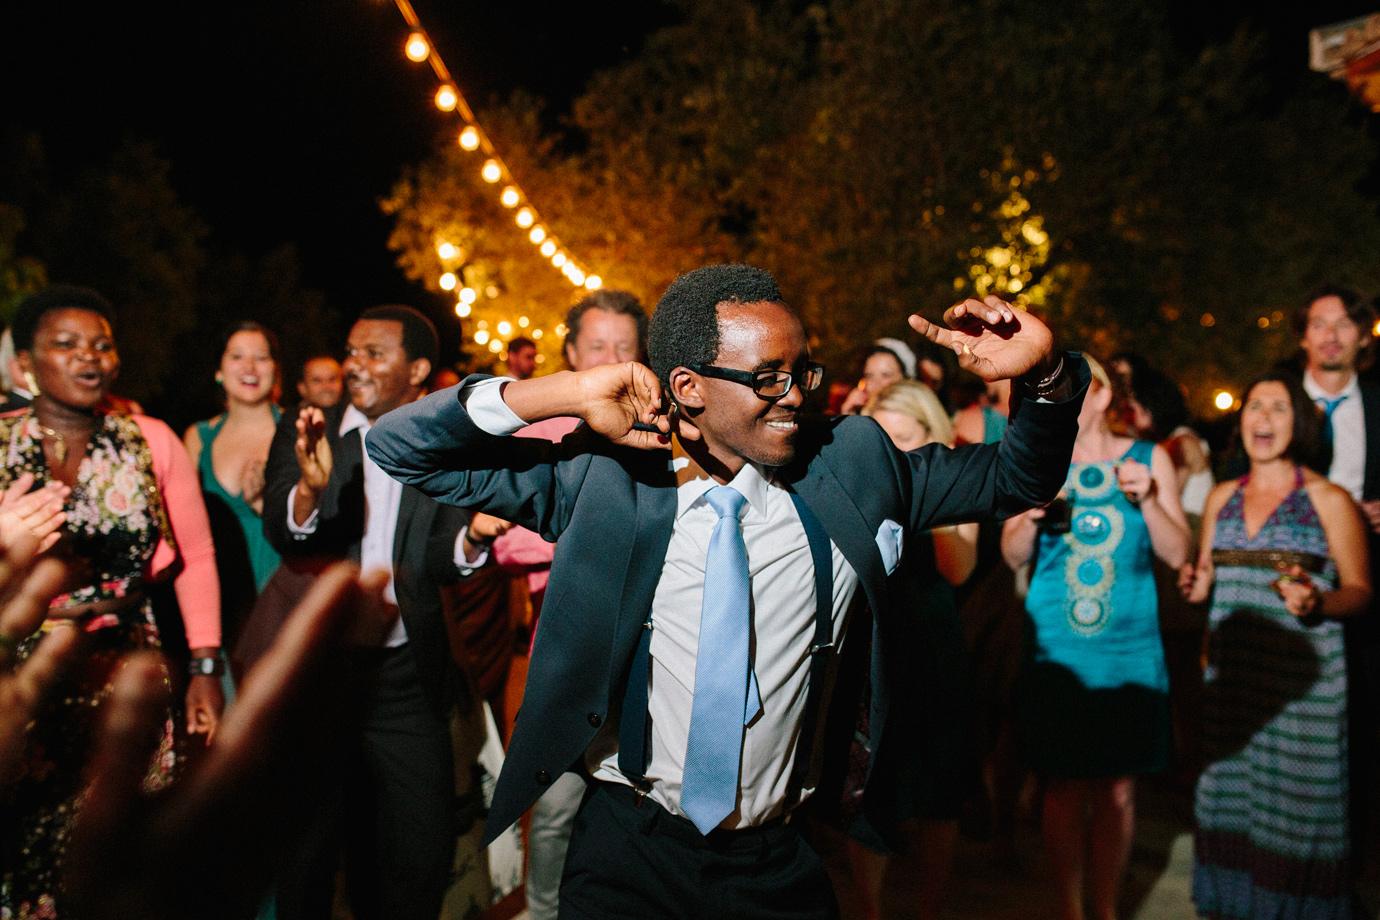 fotografo de bodas en malaga archidona granada boda sencilla y diferente